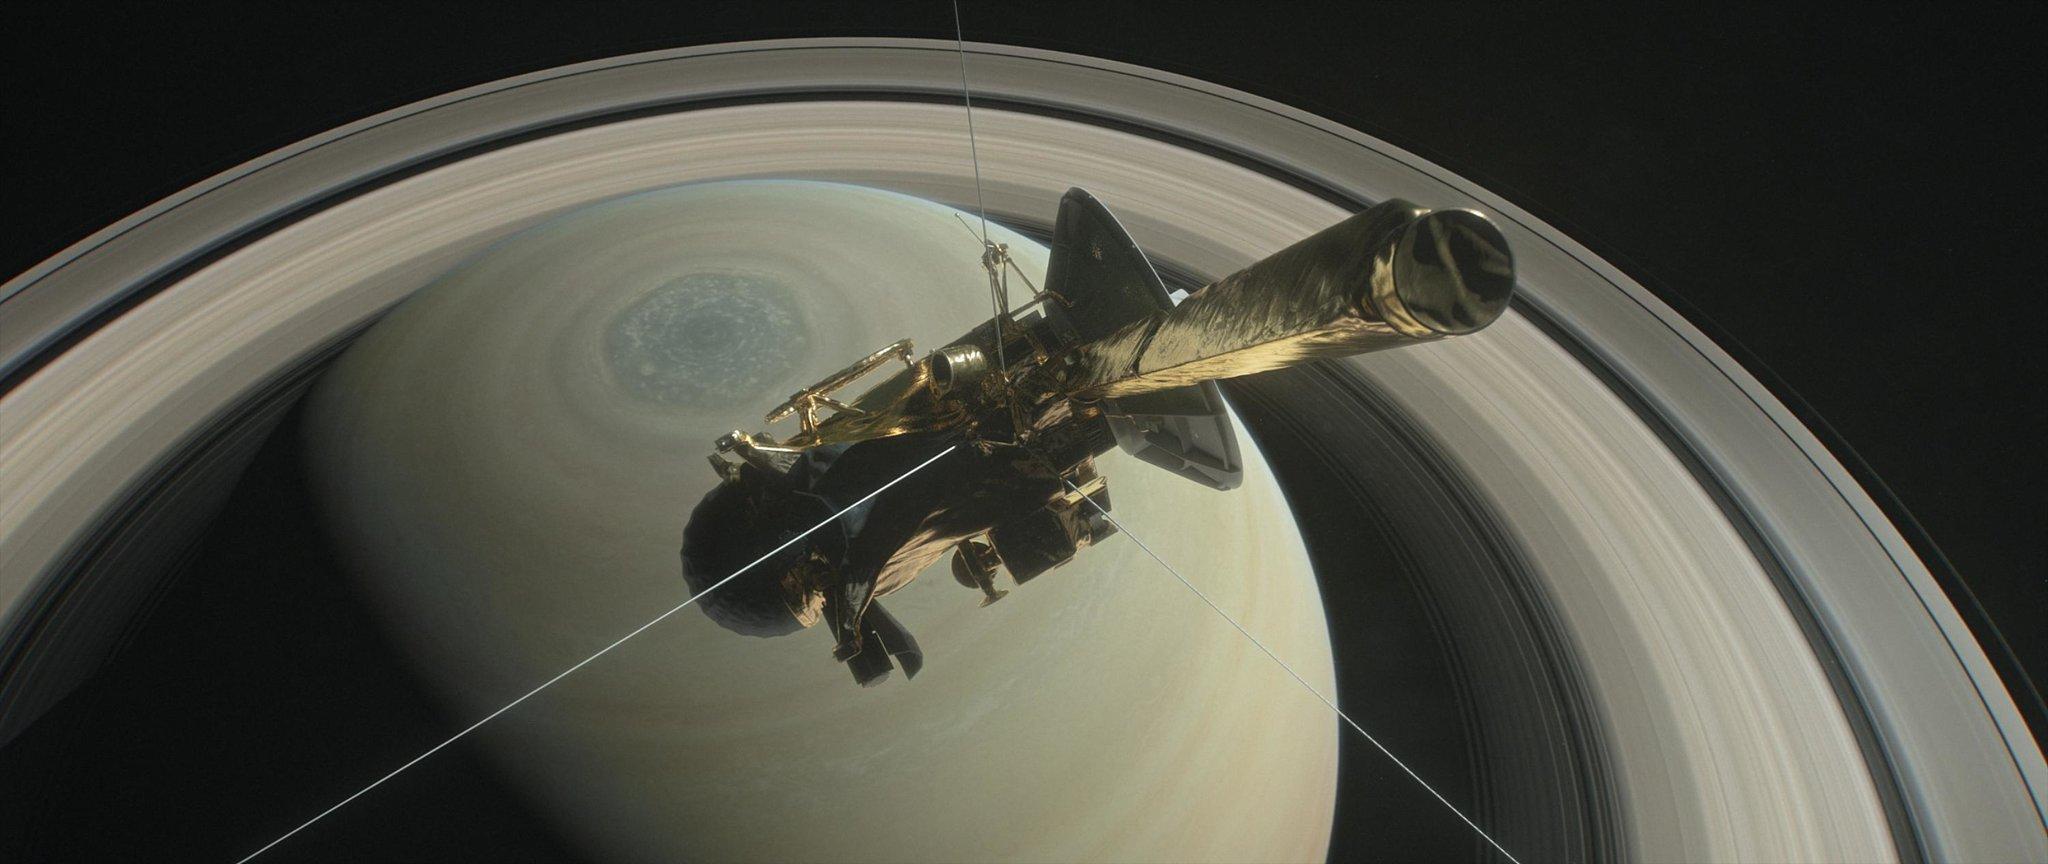 卡西尼探测器即将完成20年探测任务 周五坠入土星